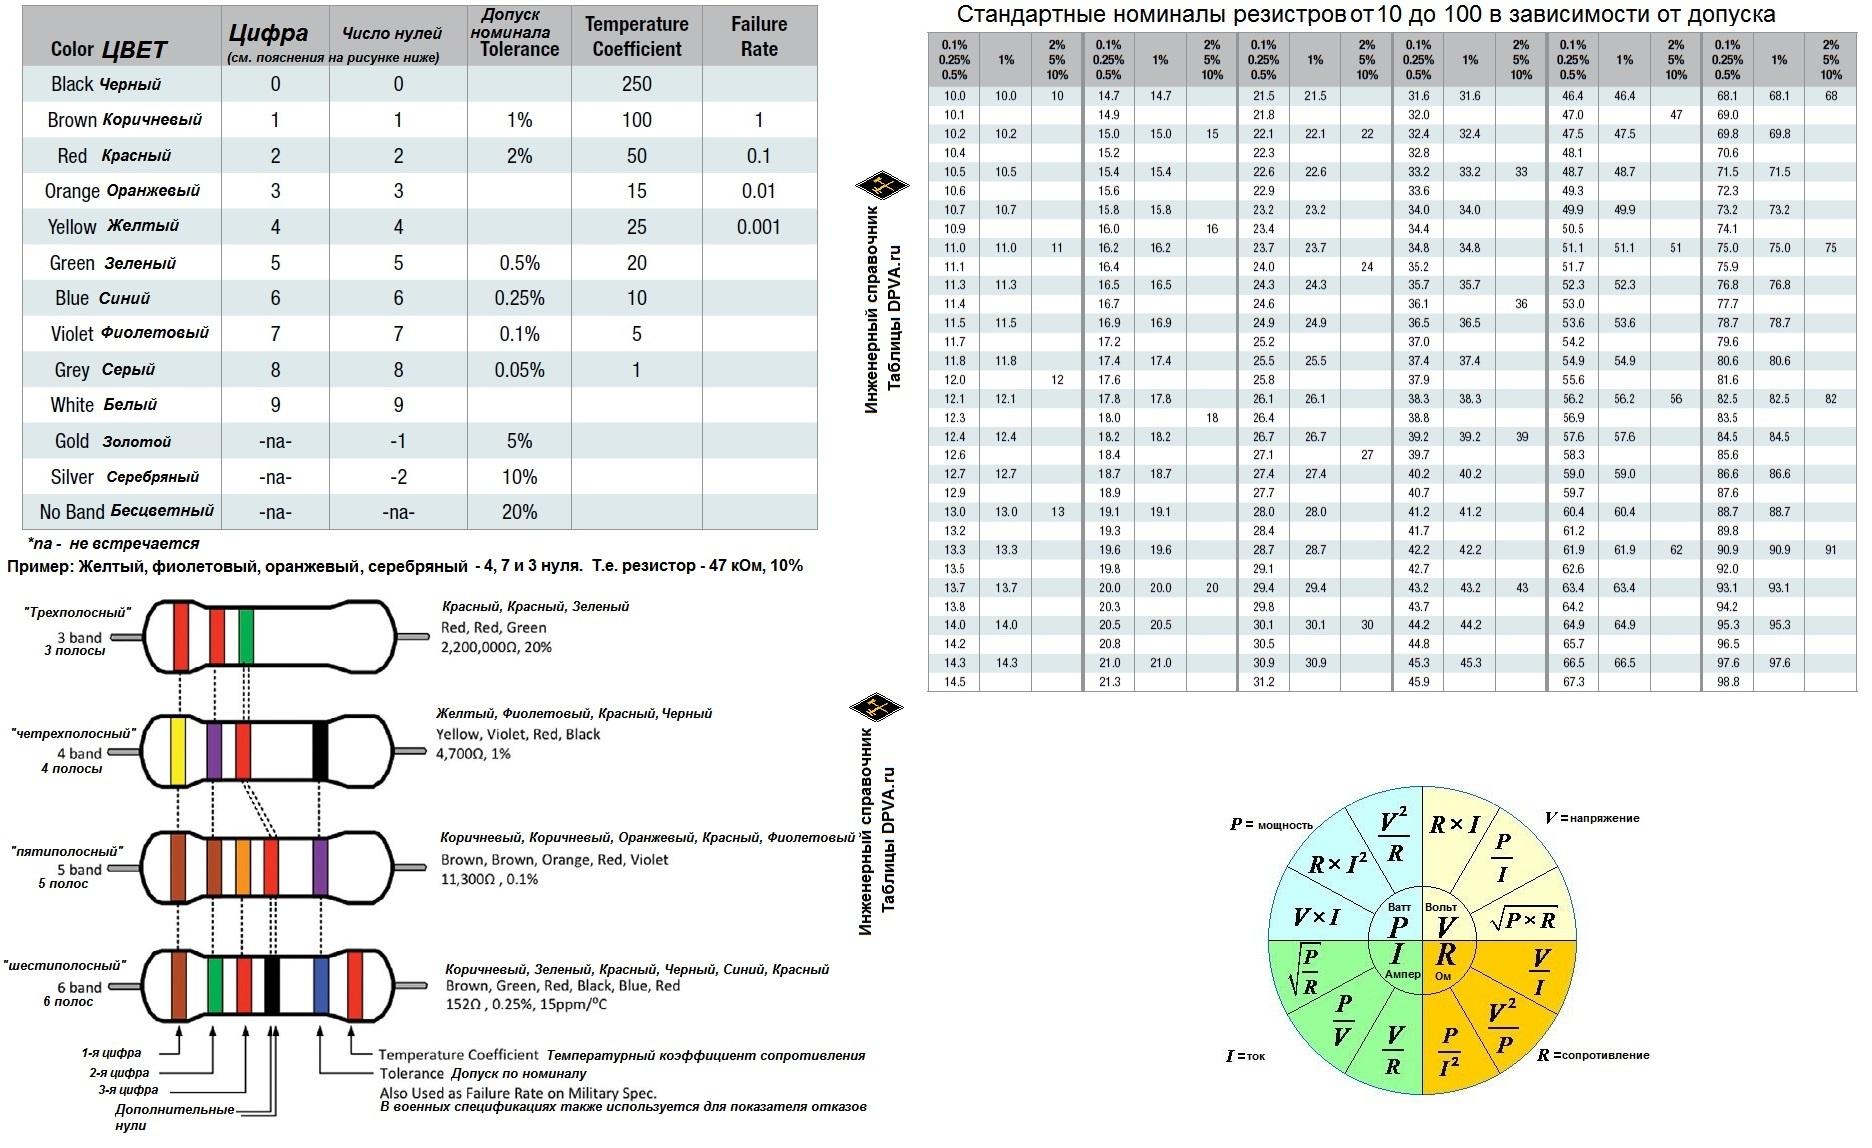 Цветовые коды, маркировка и стандартные номиналы резисторов в зависимости от допуска США, Канада, о многом - КНР etc. согласно Texas Instruments Analog Engineer's Pocket Reference Failure rates (resistors) =  показатель отказов резистора ,  процент отказов  = существет только для резисторов с хорошей надежностью и показывает число отказов в % за 1000 часов работы. (к примеру, 0.1 % failure rate ознчает, что 1 резистор из 1000 откажет за 1,000 часов. Temperature coefficient для резистора =  температурный коэффициент сопростивления  = это изменение сопротивления в ppm/°C. Намного ниже, чем у всяких обычных металлов и т.п.